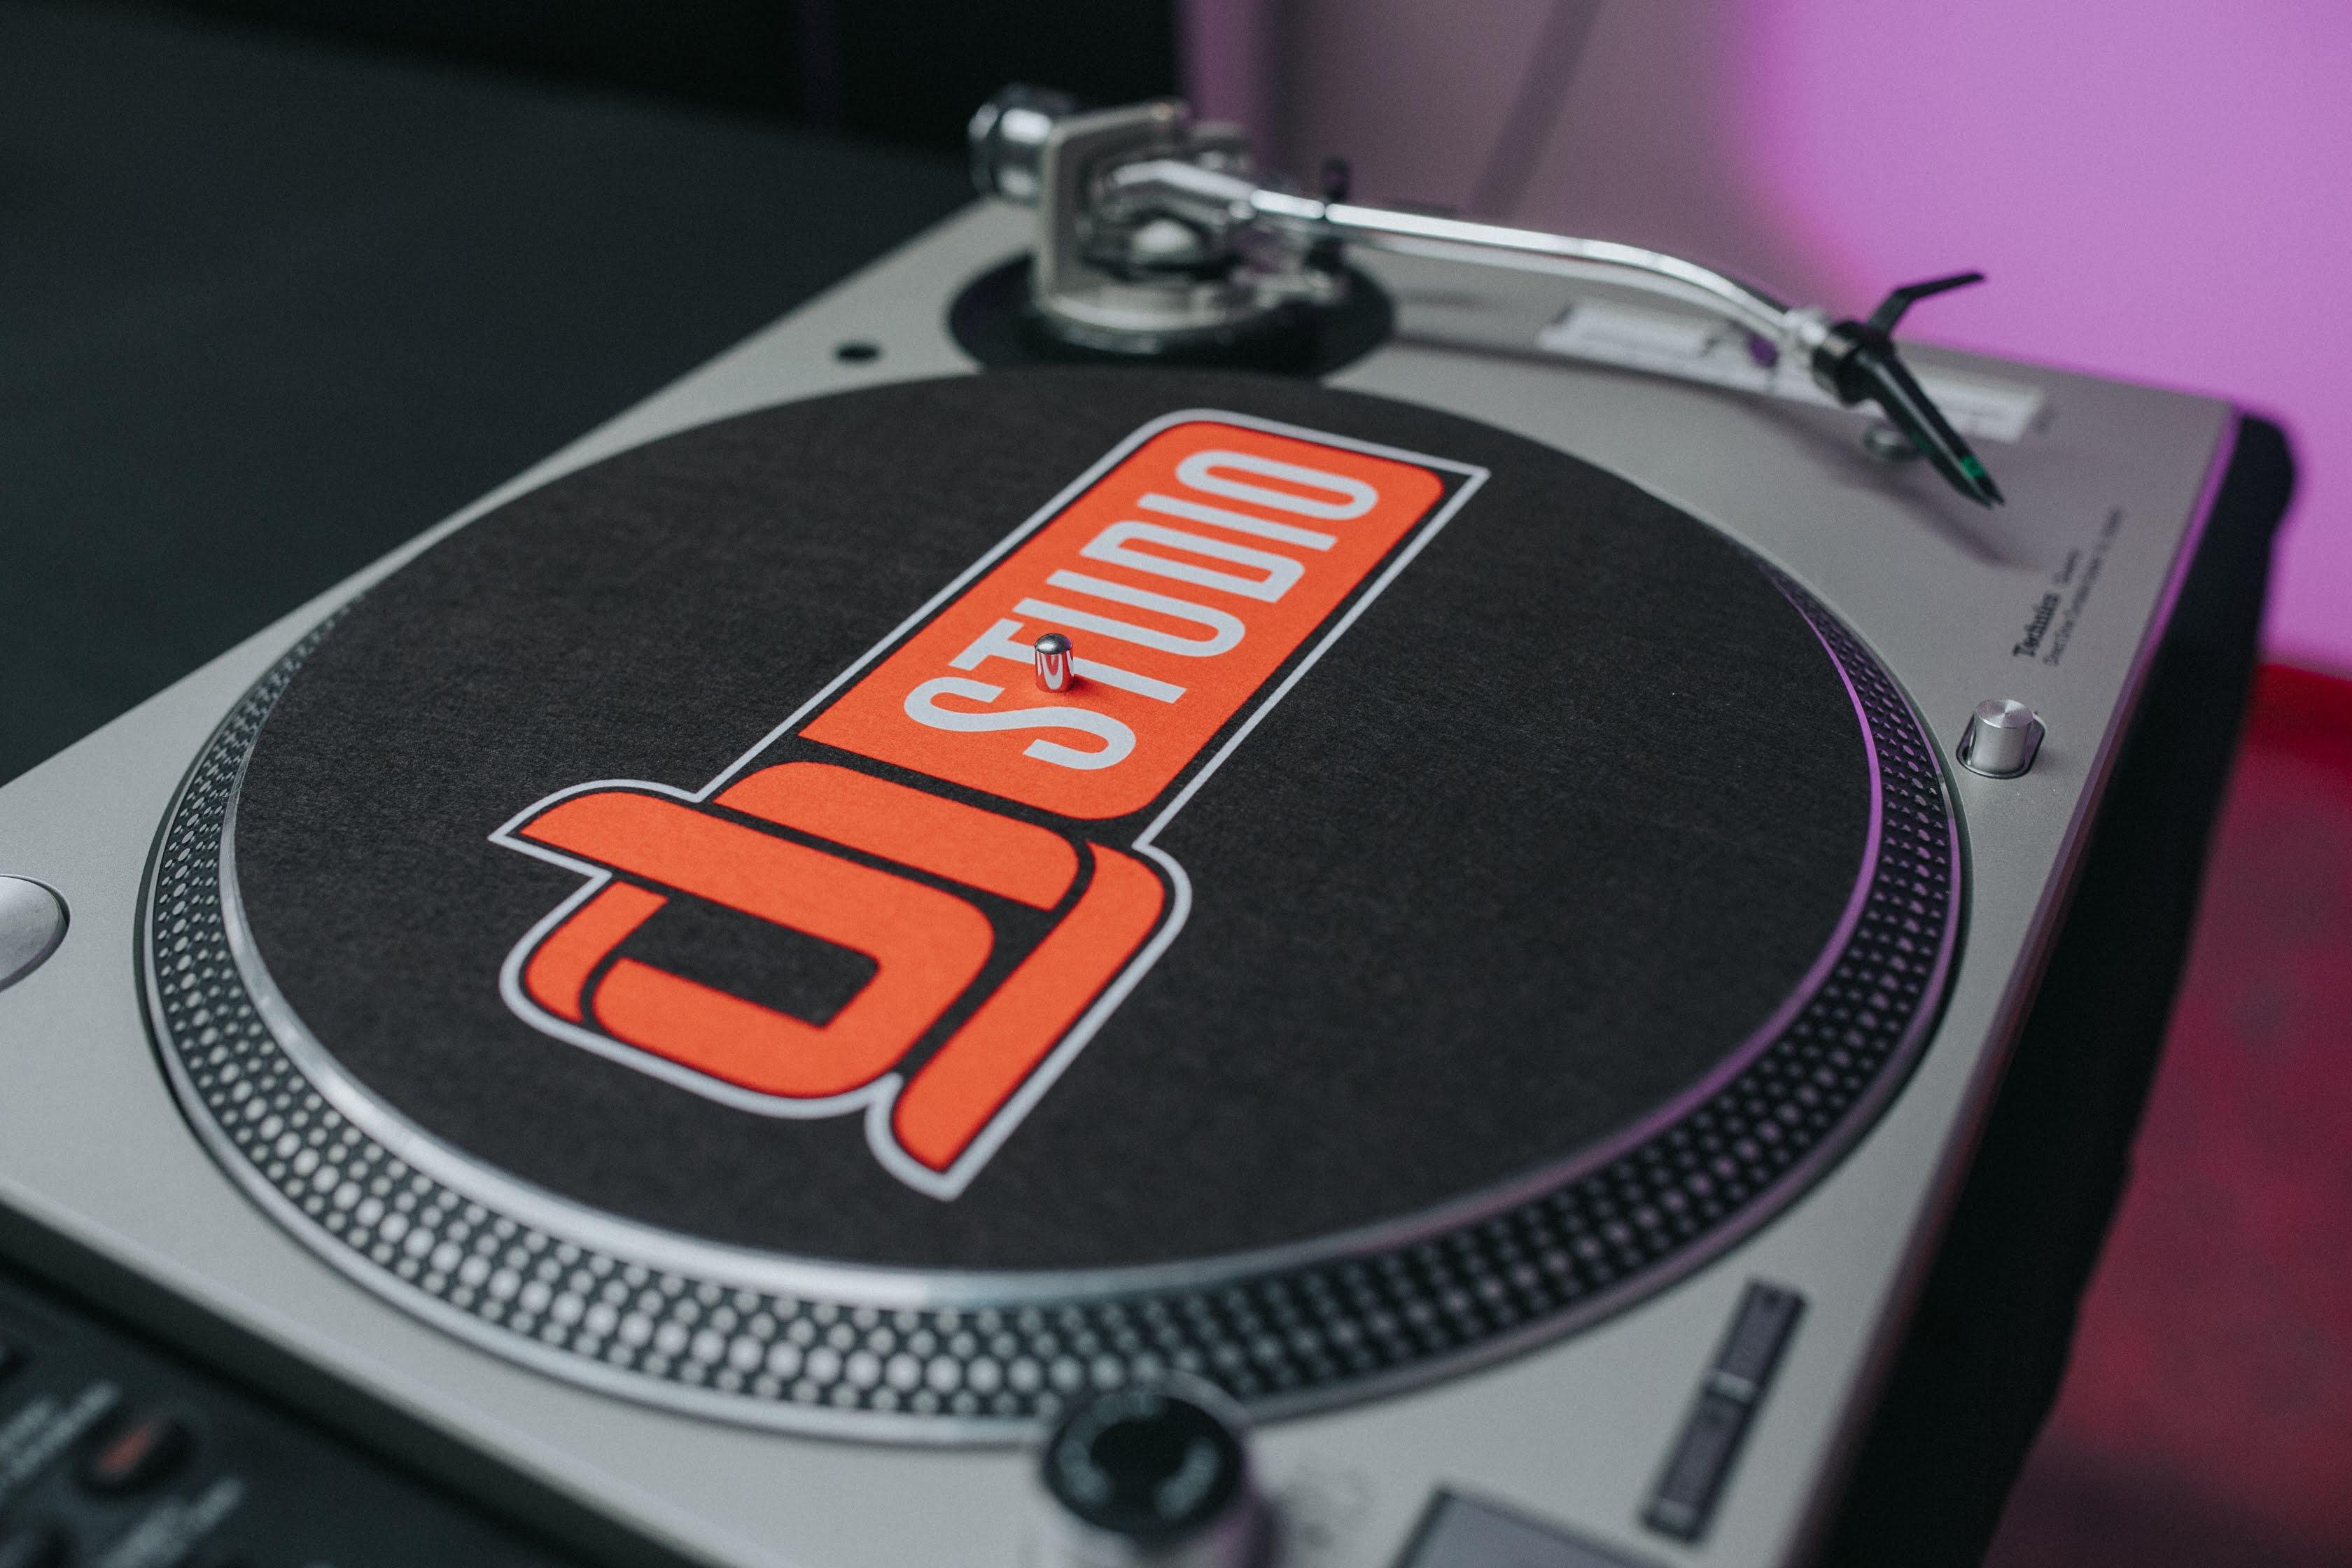 DJStudio-2